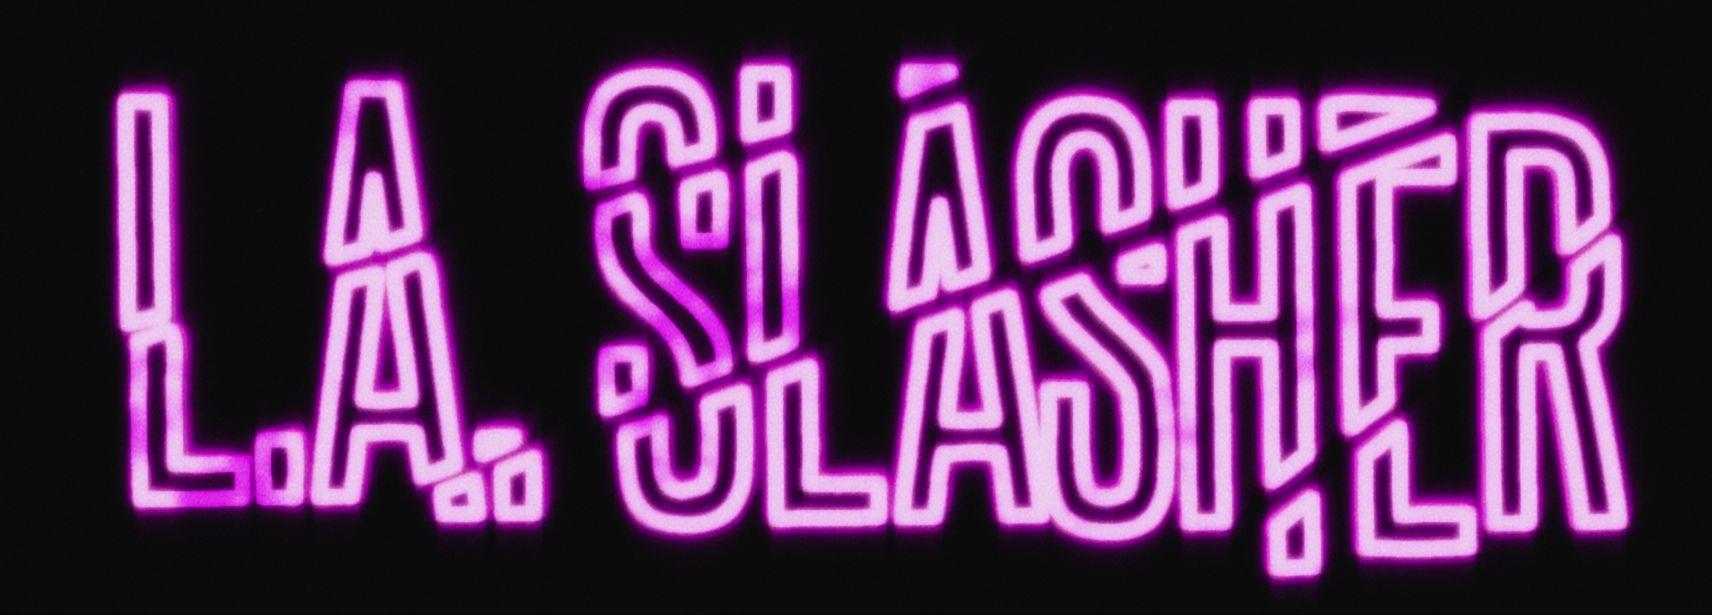 tumblr_static_la_slasher_logo_result